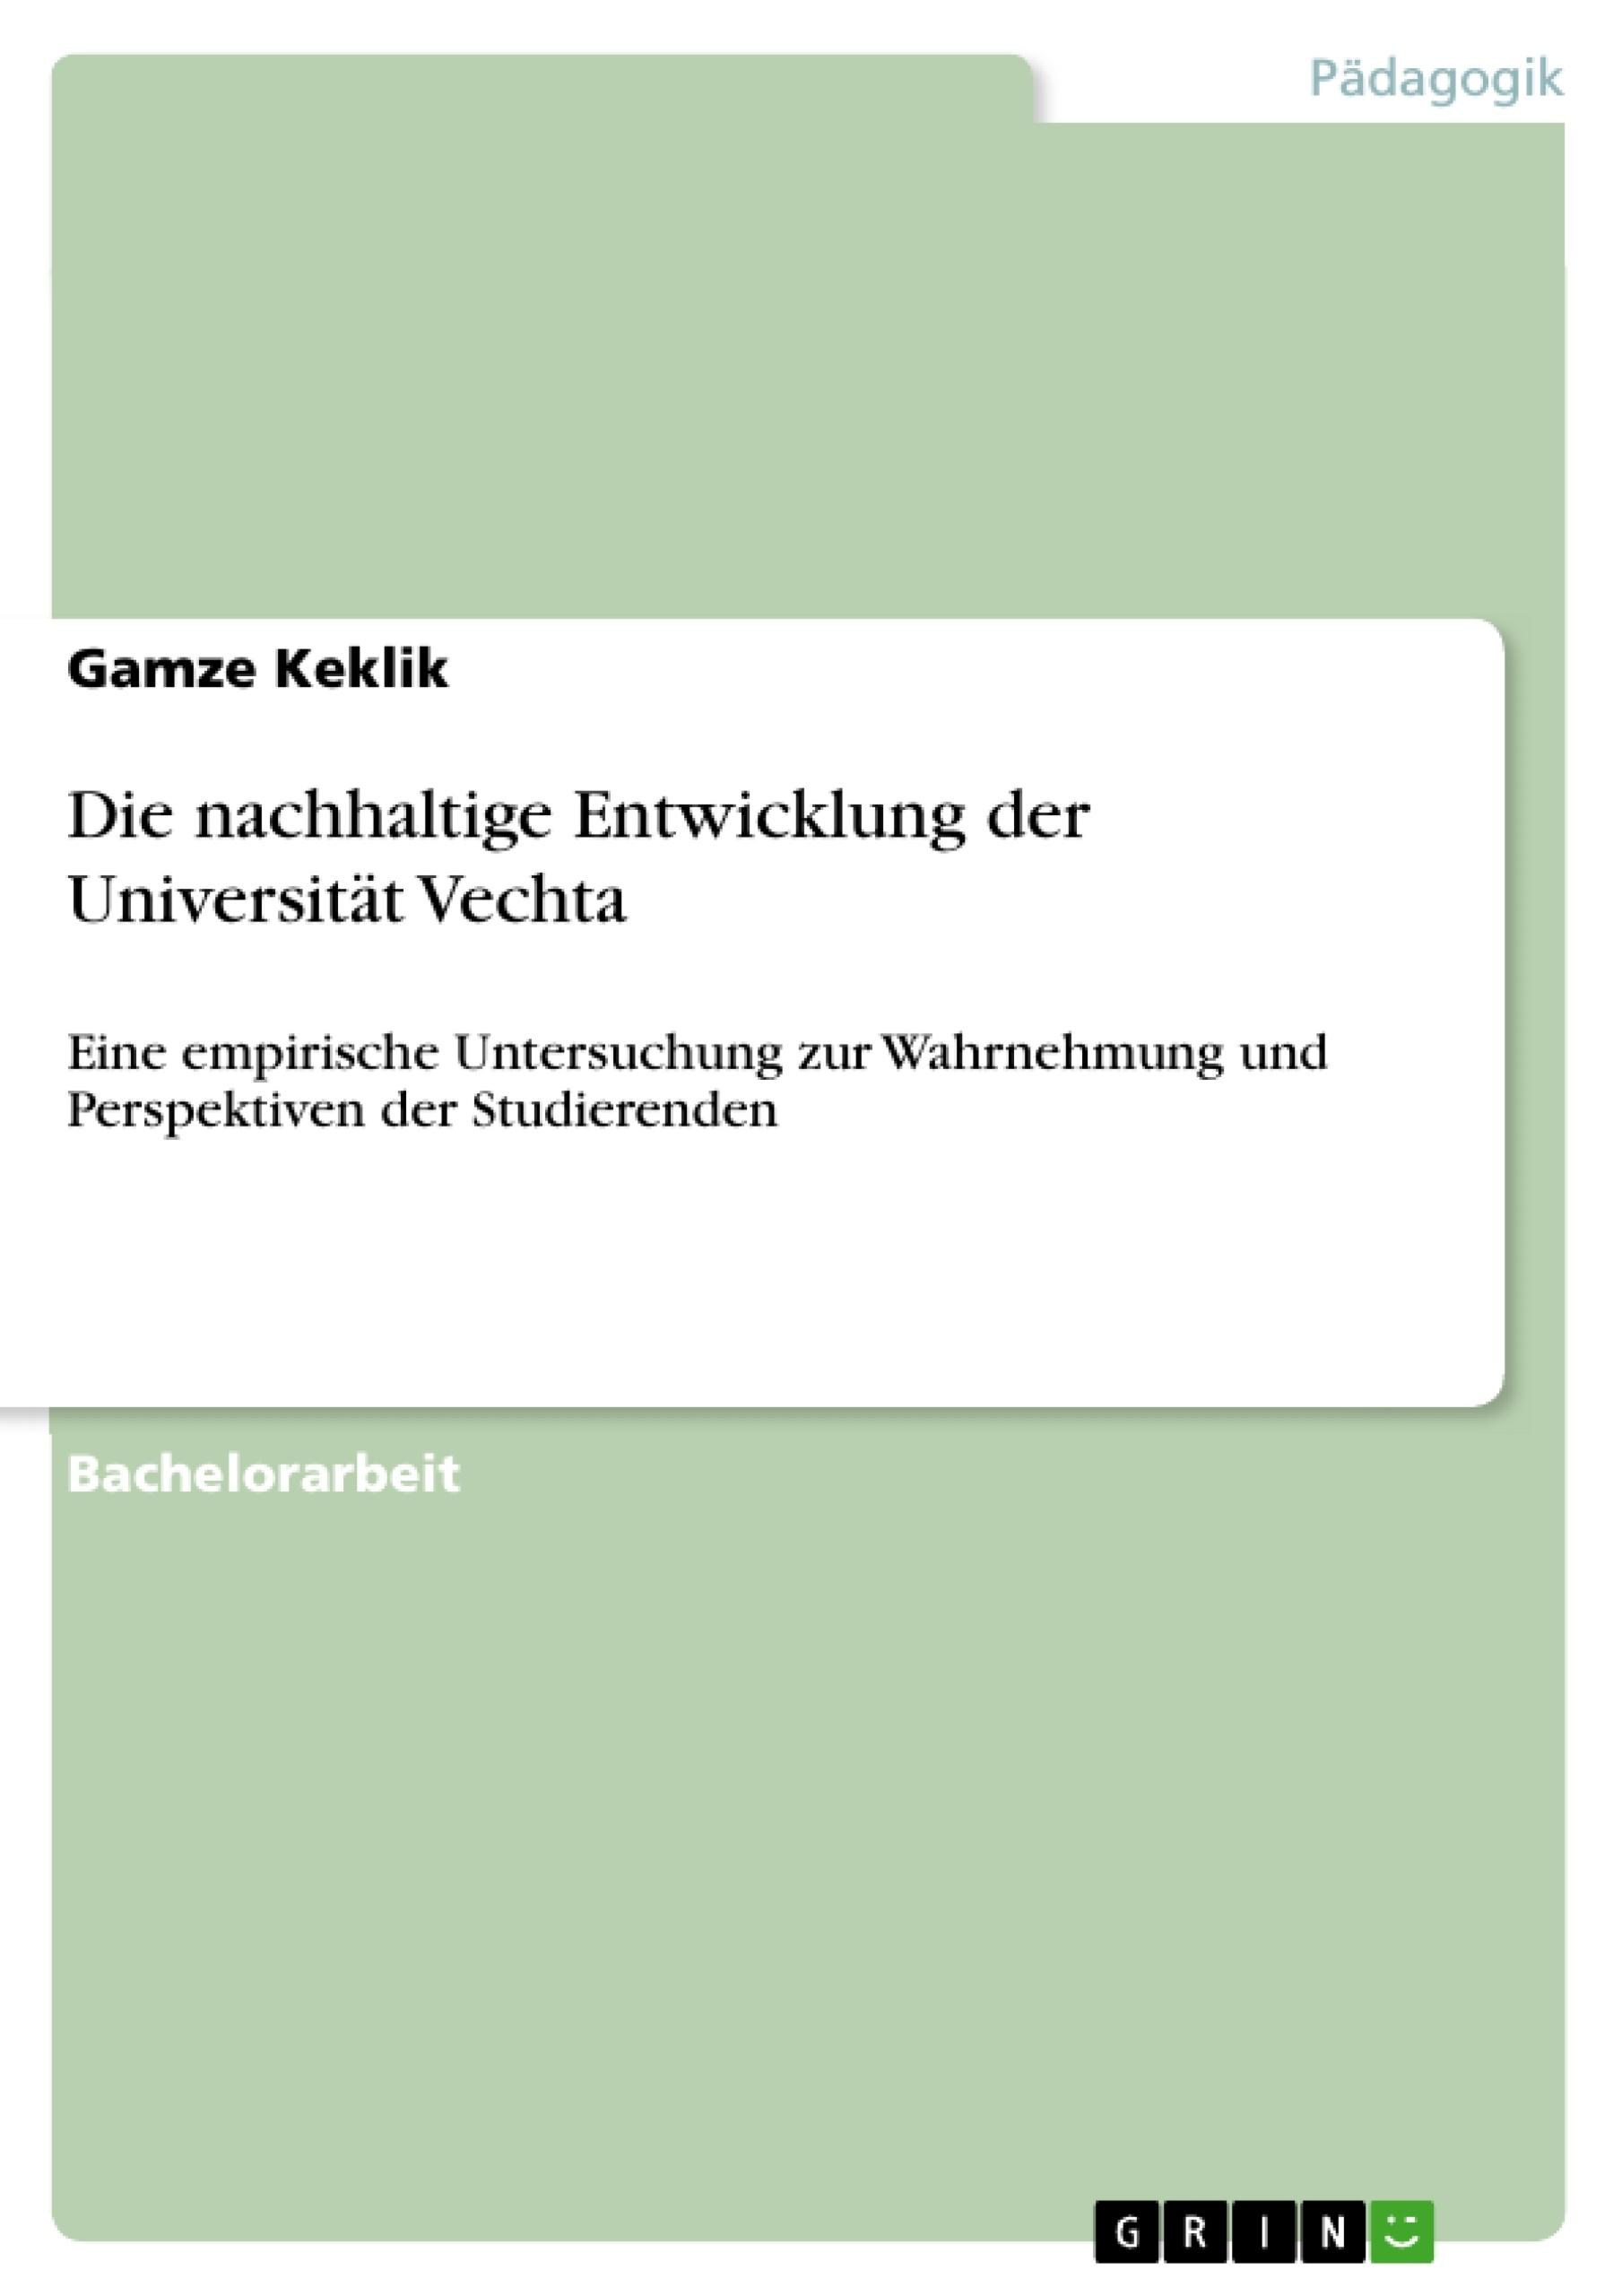 Titel: Die nachhaltige Entwicklung der Universität Vechta